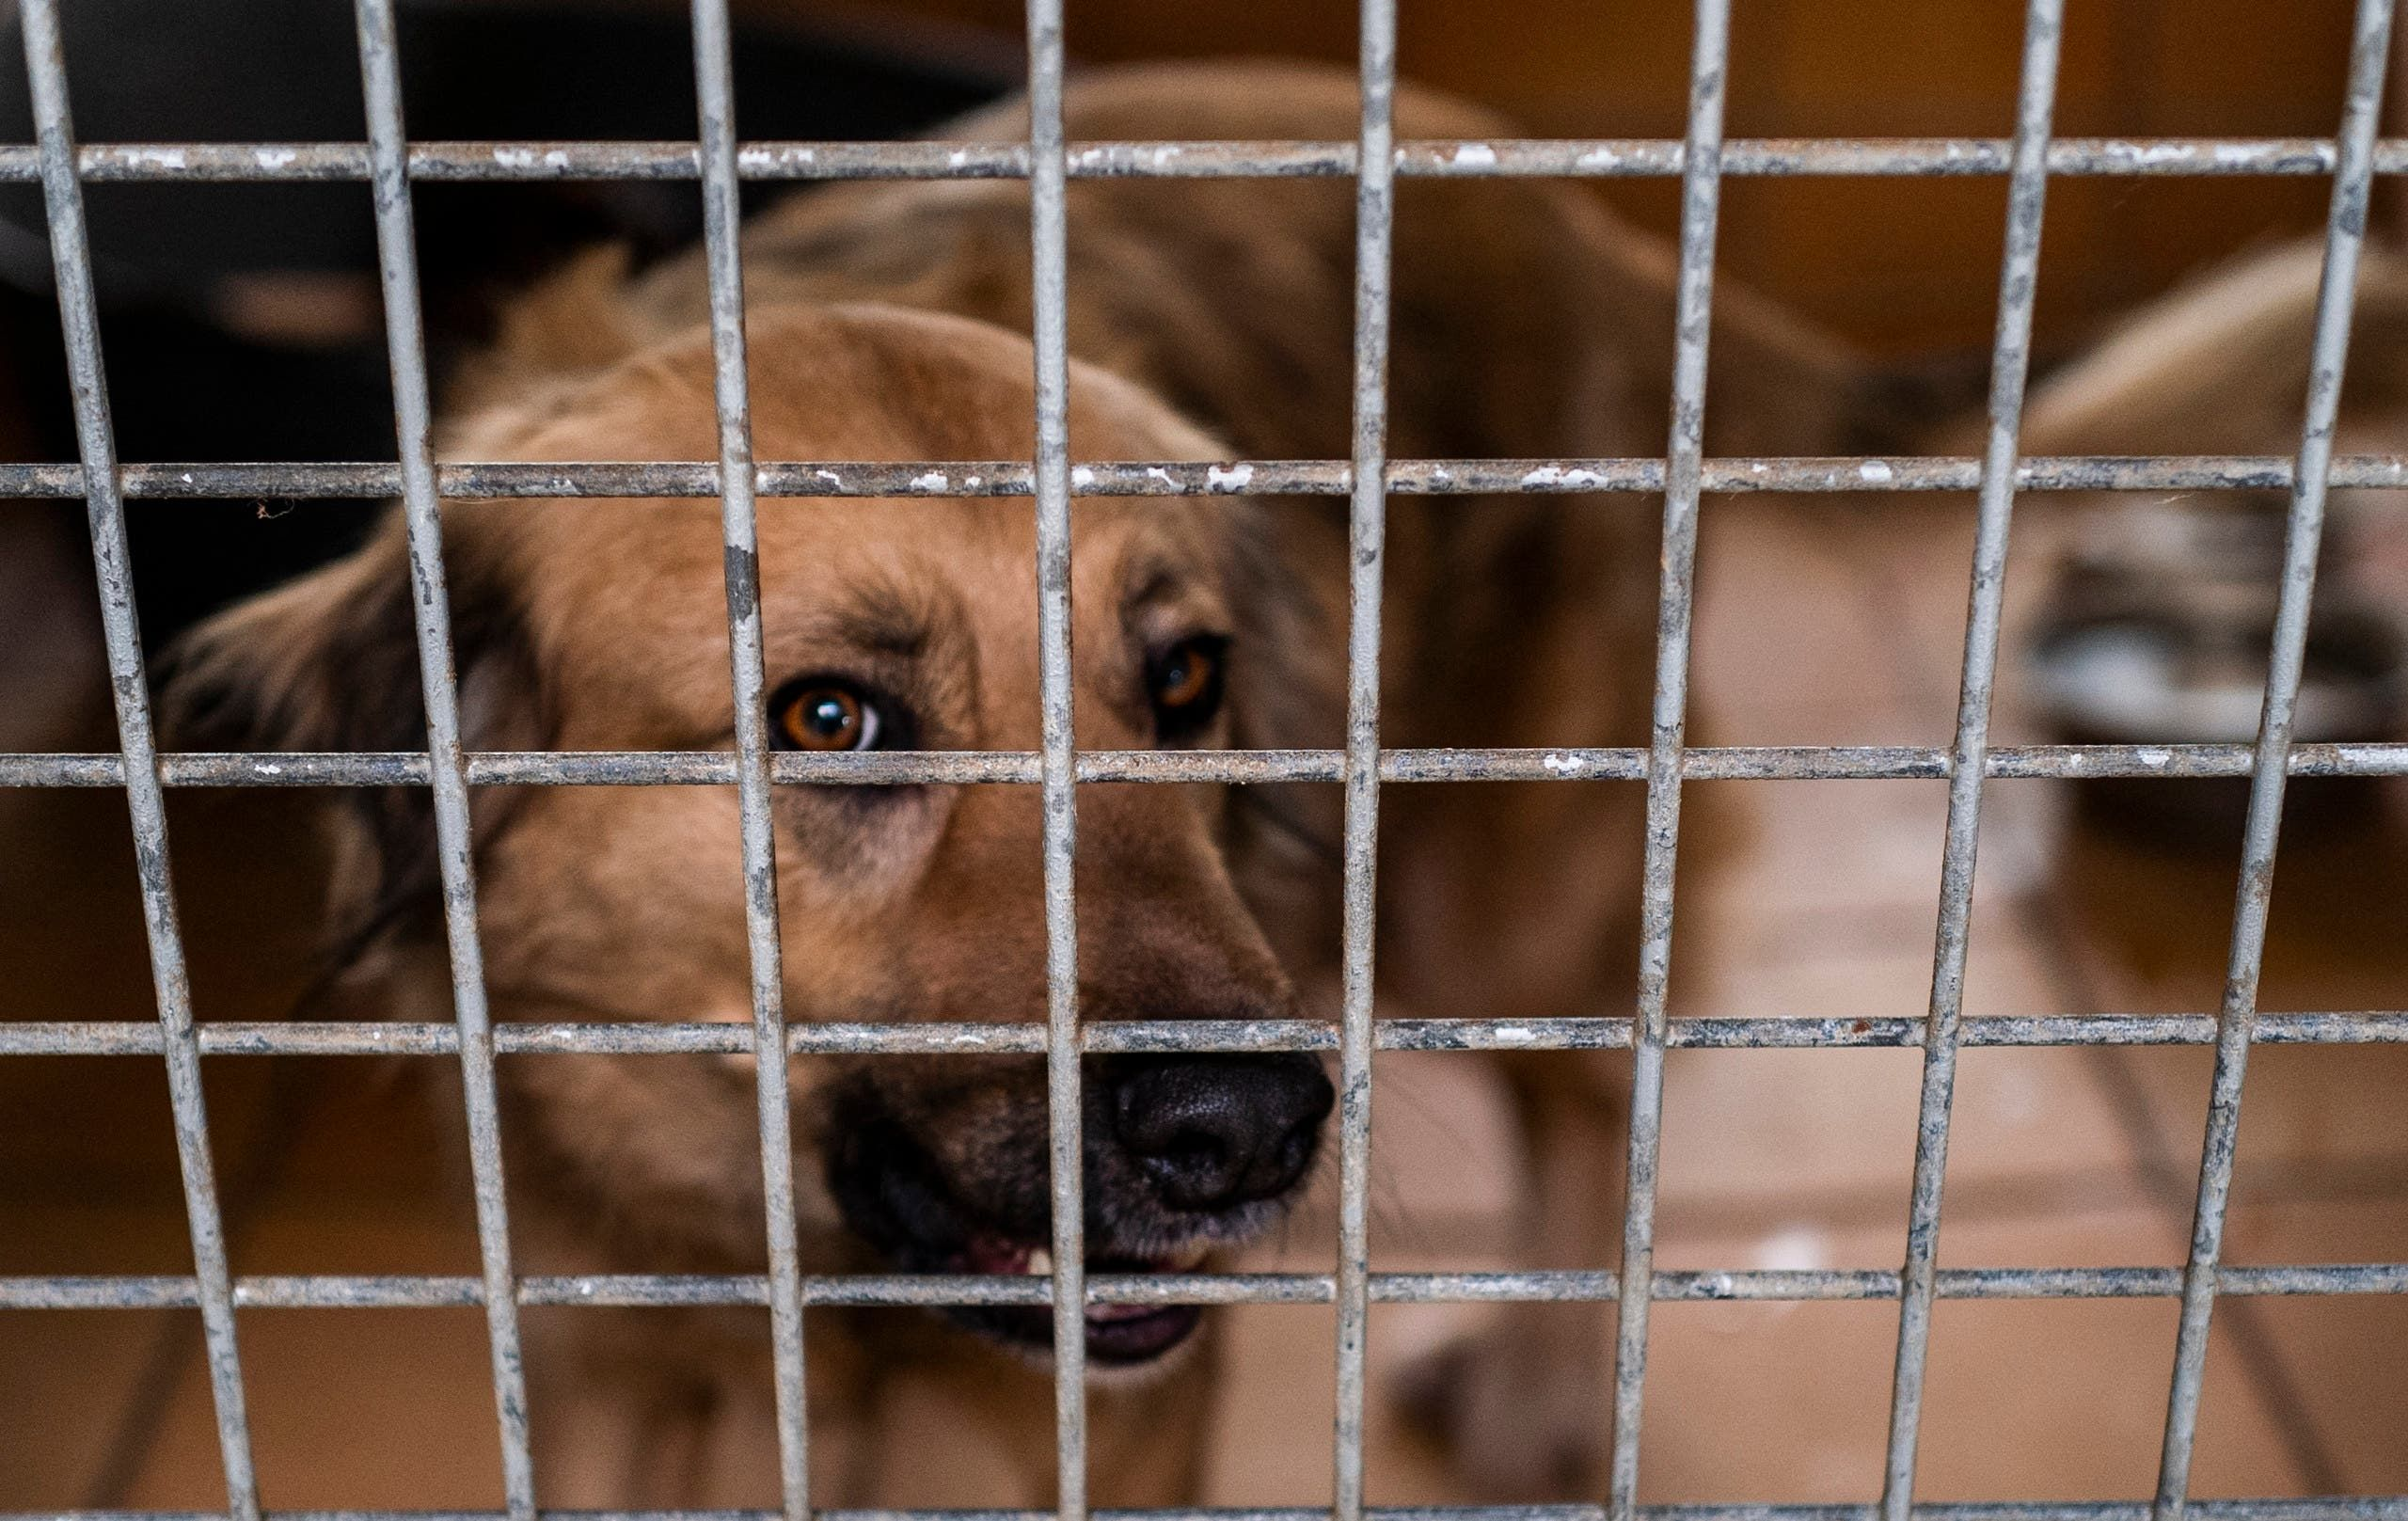 كلب في مأوى للحيوانات في ألمانيا